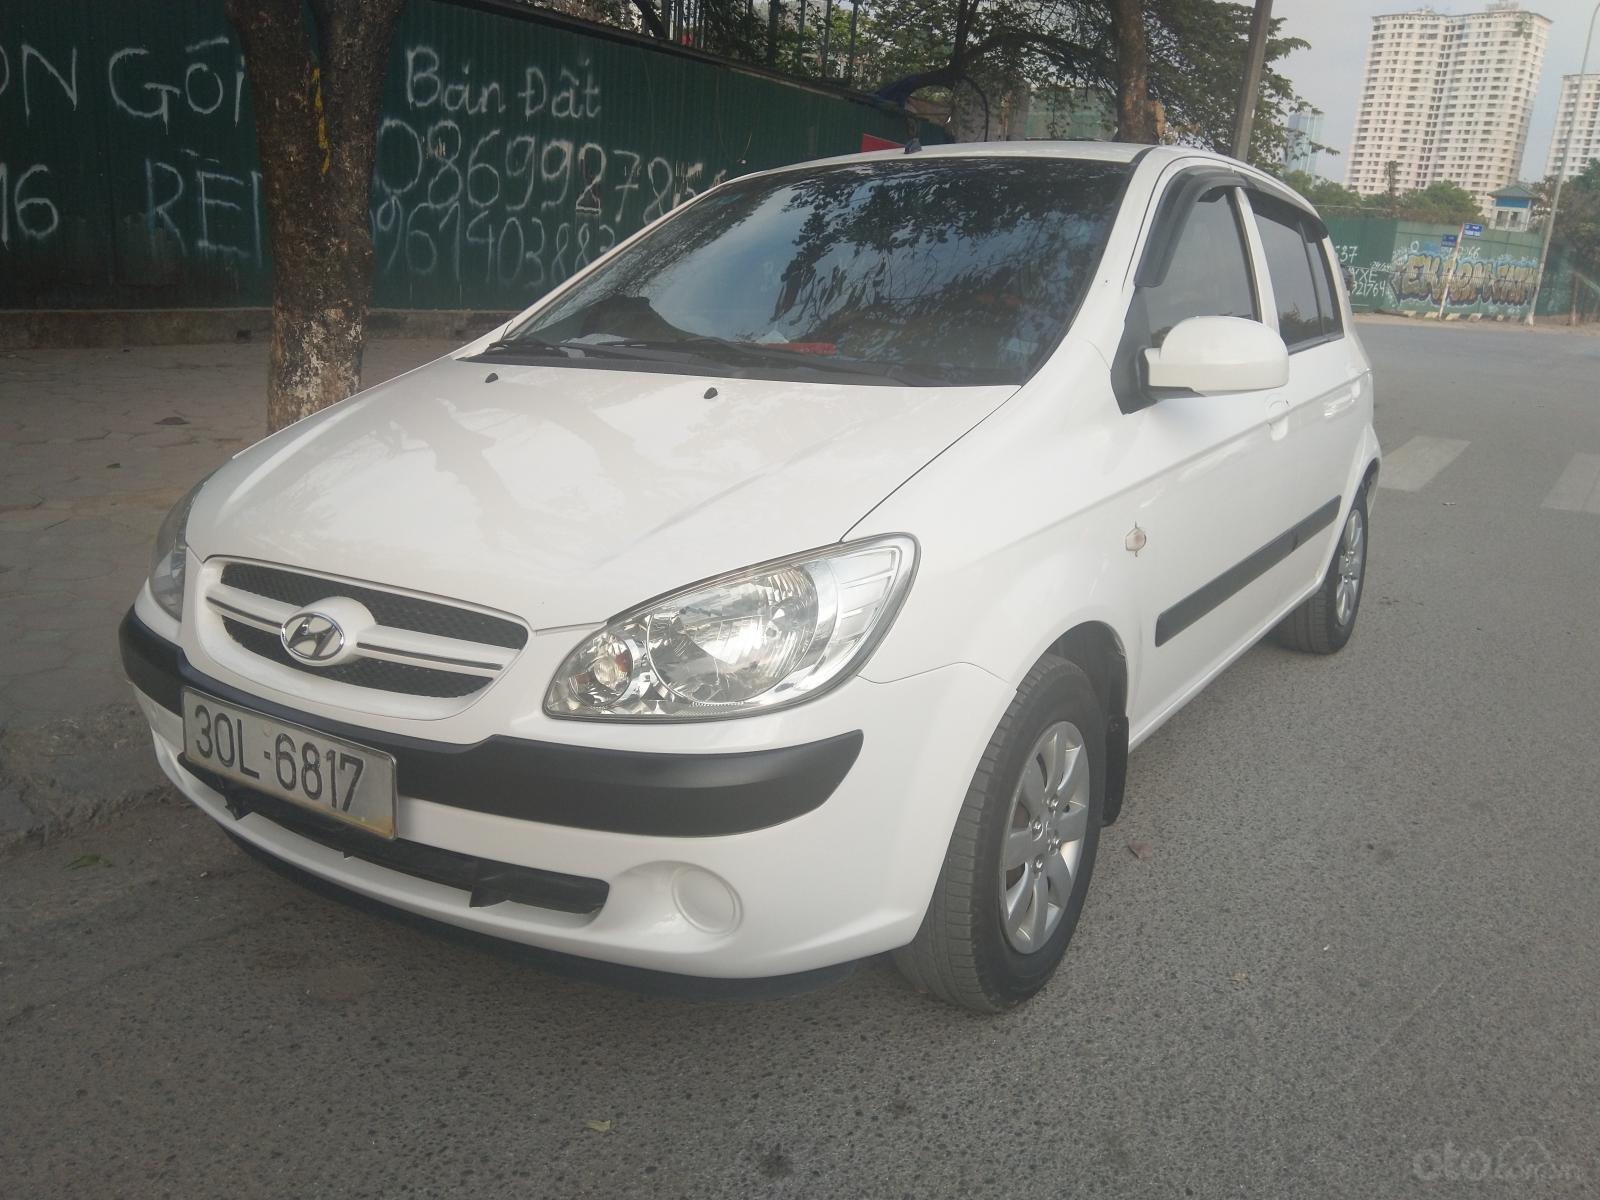 Chính chủ bán nhanh xe Hyundai Get (Click)1.4 MT số sàn 2008 nhập khẩu (1)